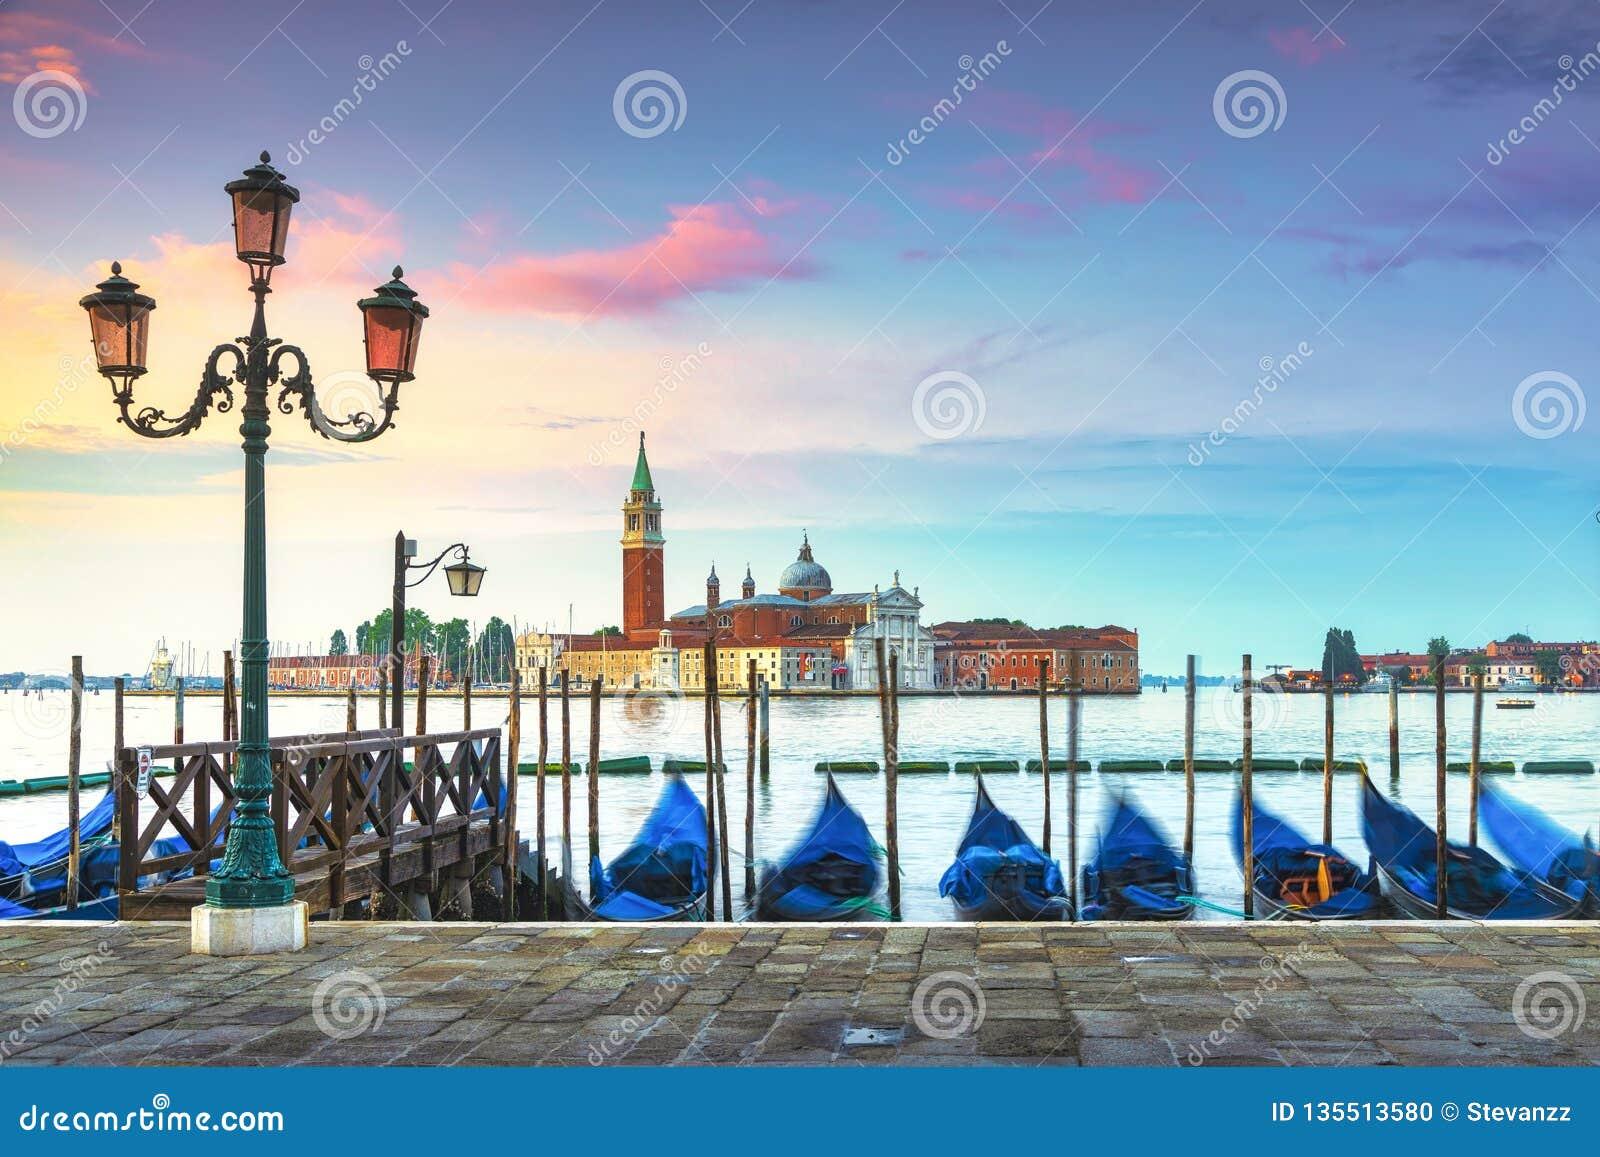 De lagune van Venetië, de kerk van San Giorgio, gondels en polen Italië